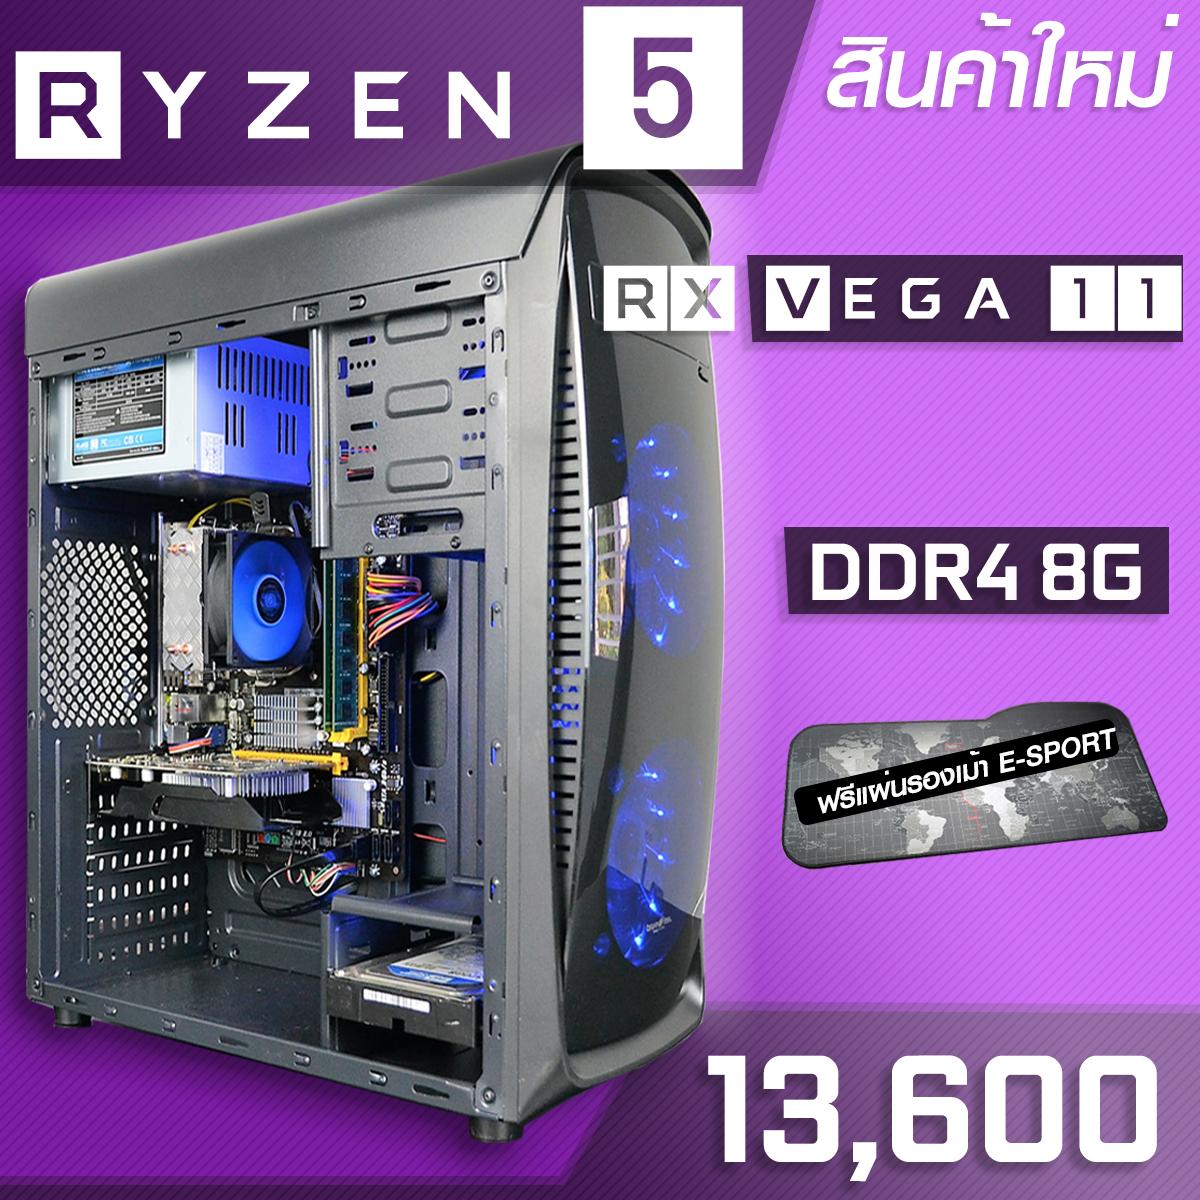 AMD RYZEN 5 2400G | DDR4 BUS 2400 8G | 1TB 7200RPM